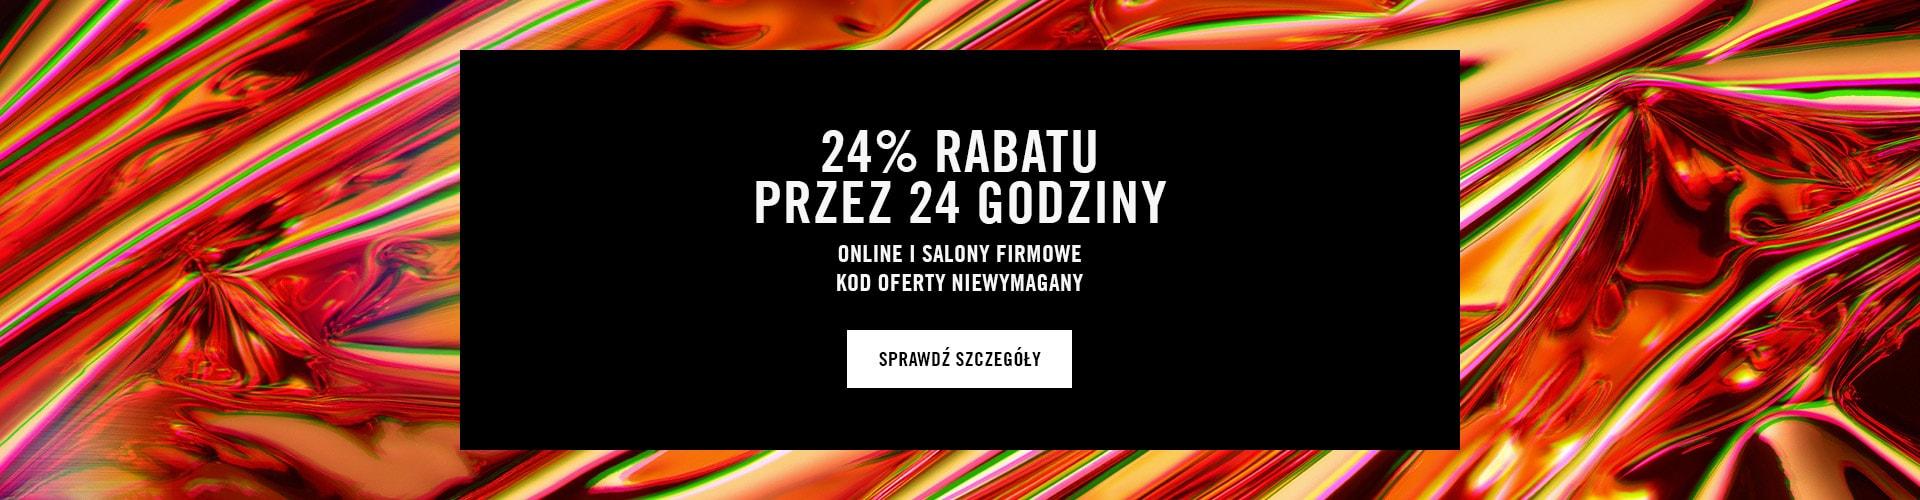 24% RABATU PRZEZ 24 GODZINY @ MAC Cosmetics